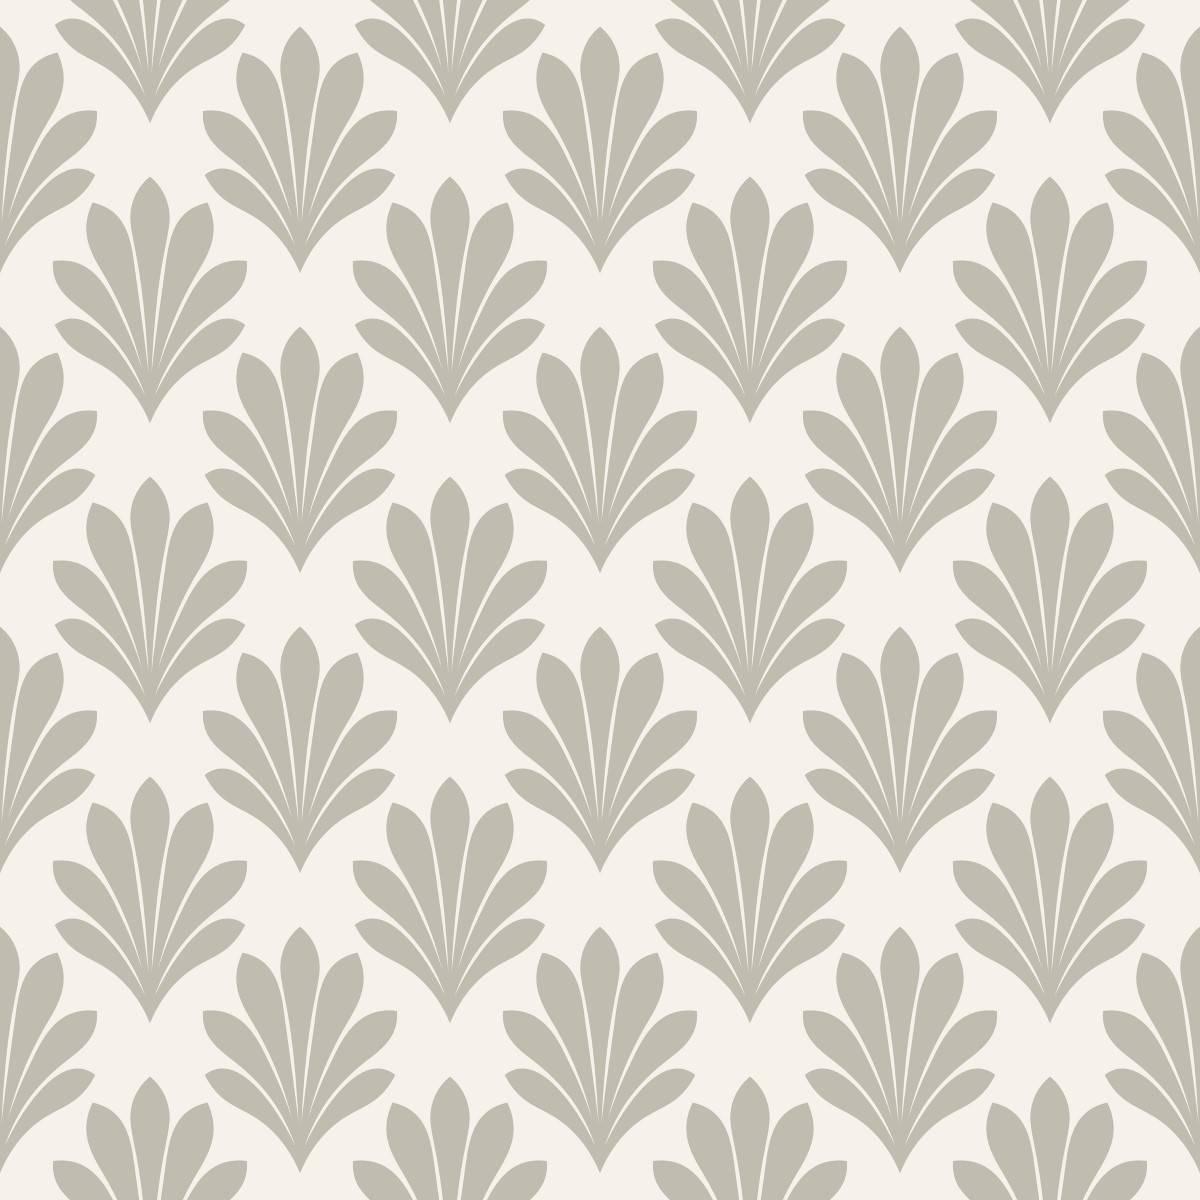 Papel de Parede Floral Cinza 02| Adesivo Vinilico imagem 2